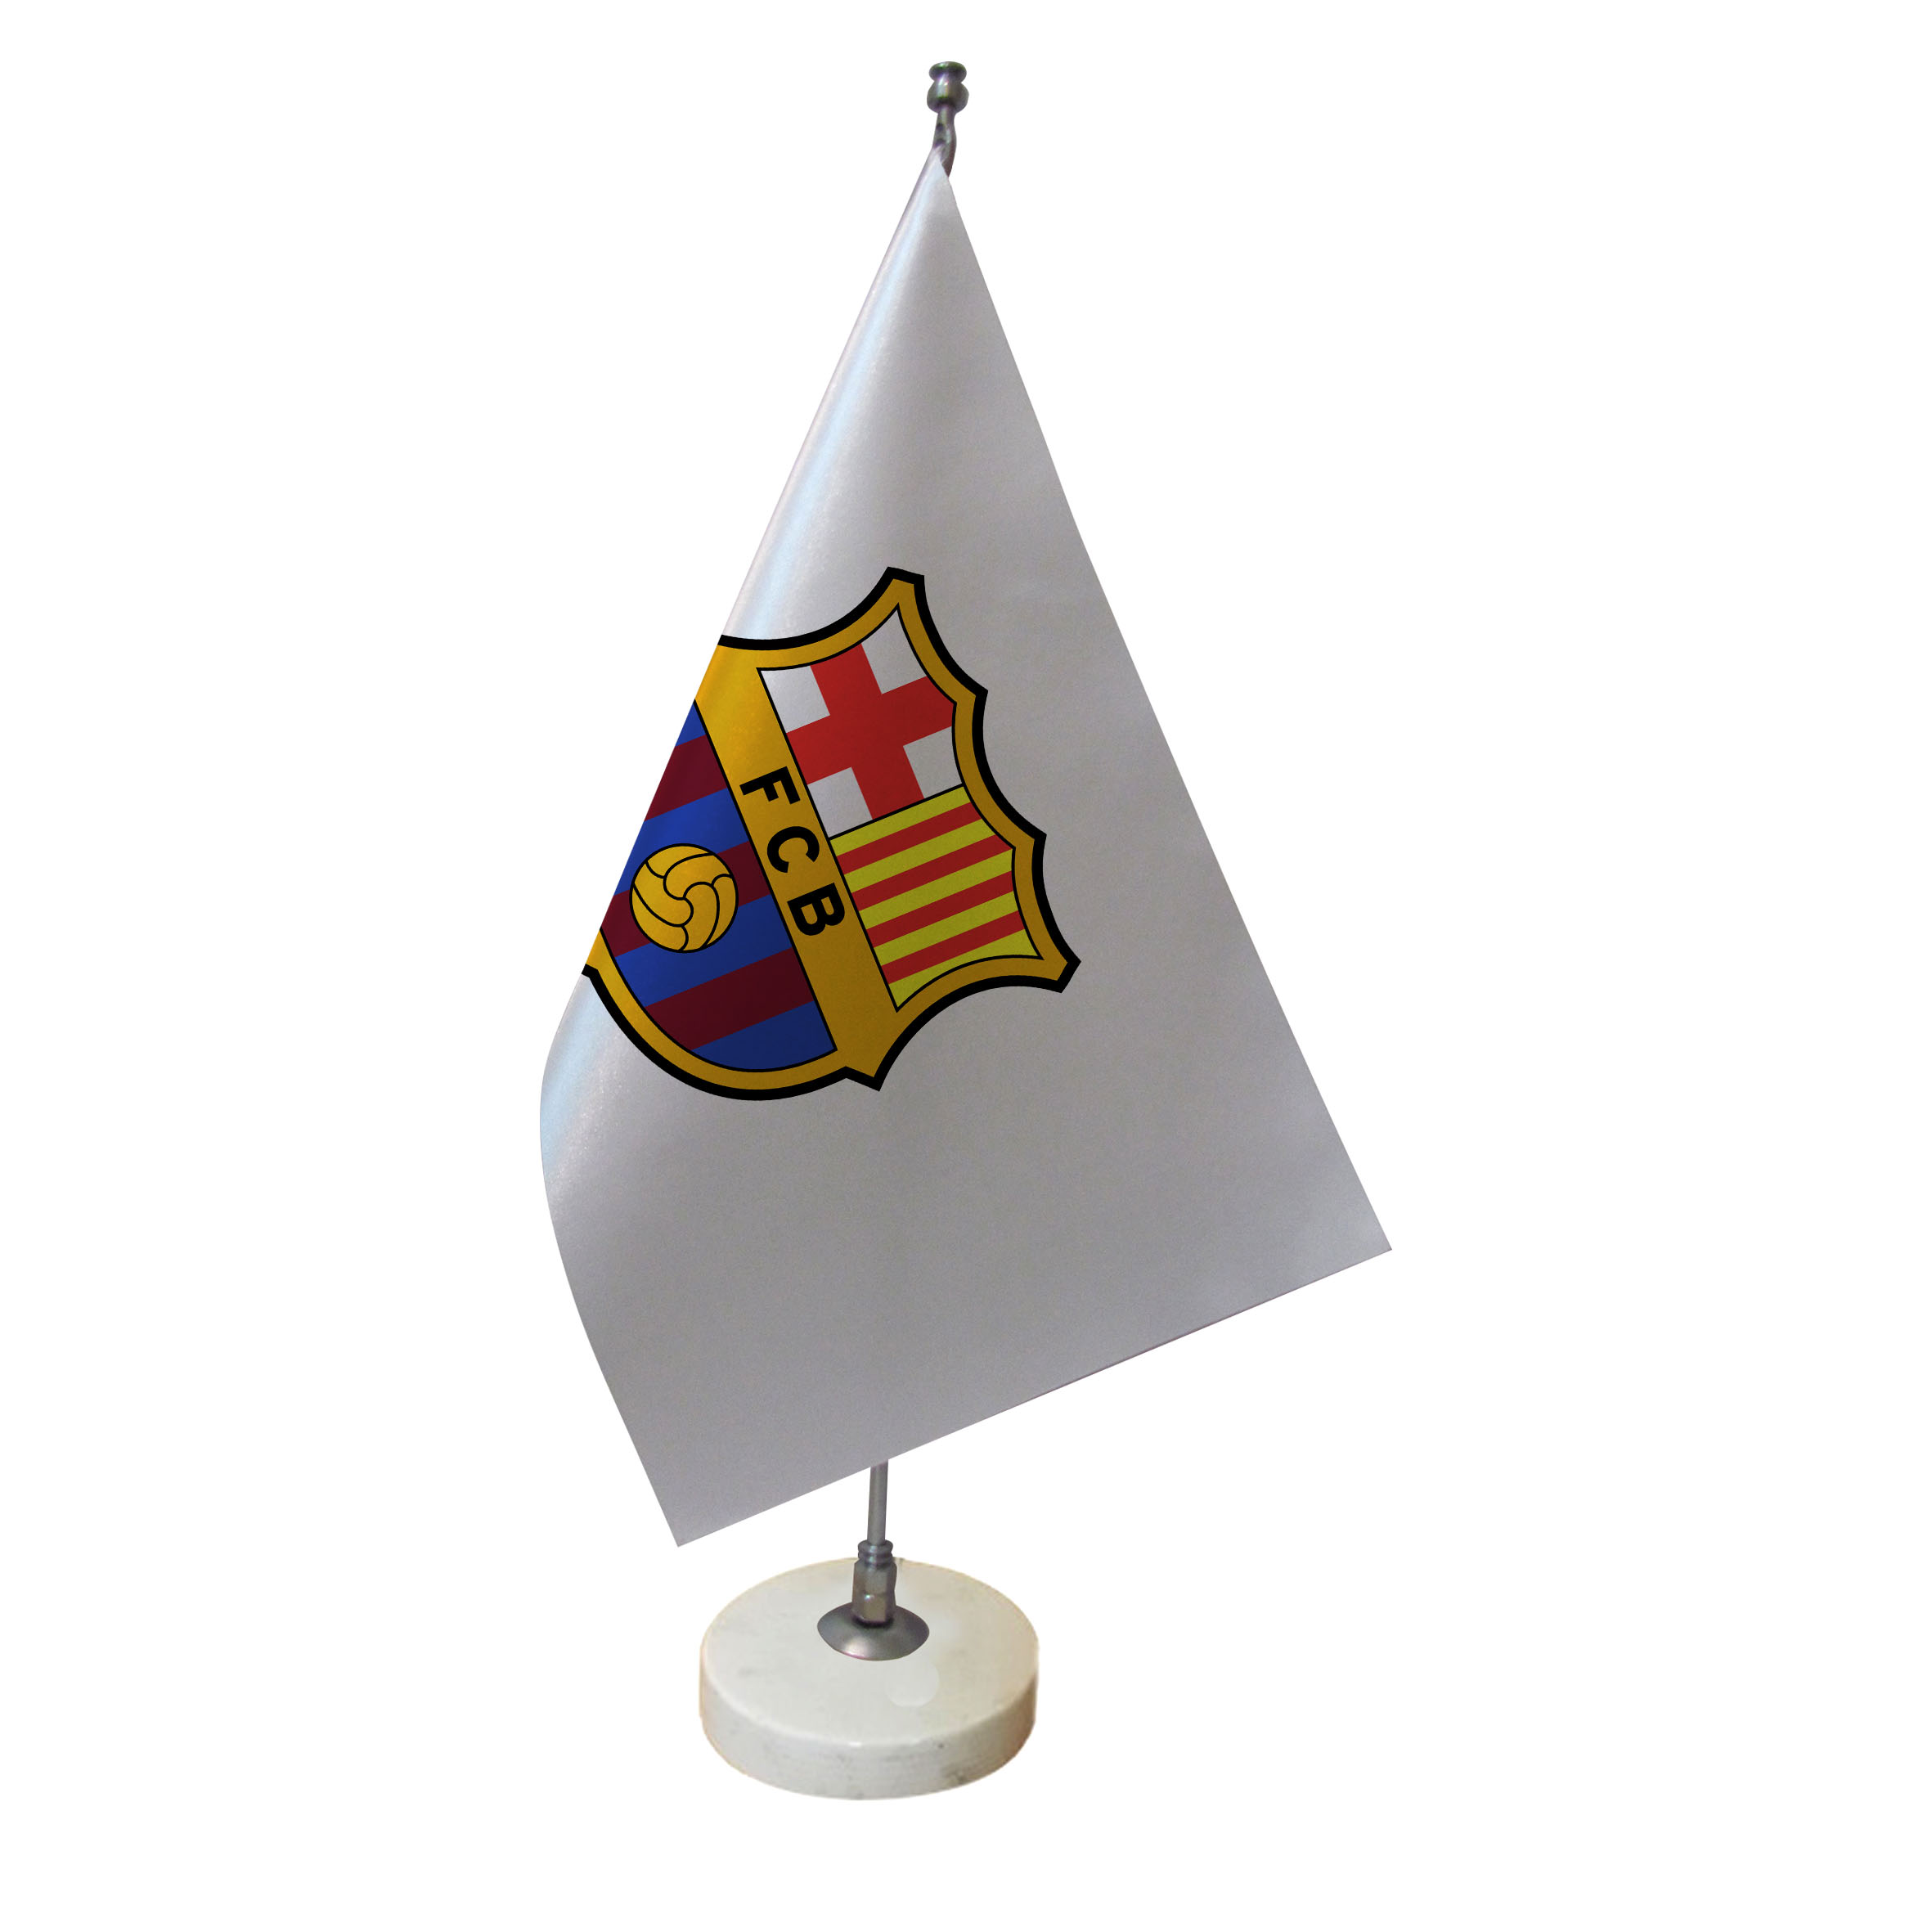 خرید                      پرچم رومیزی طرح تیم فوتبال بارسلونا کد pr23